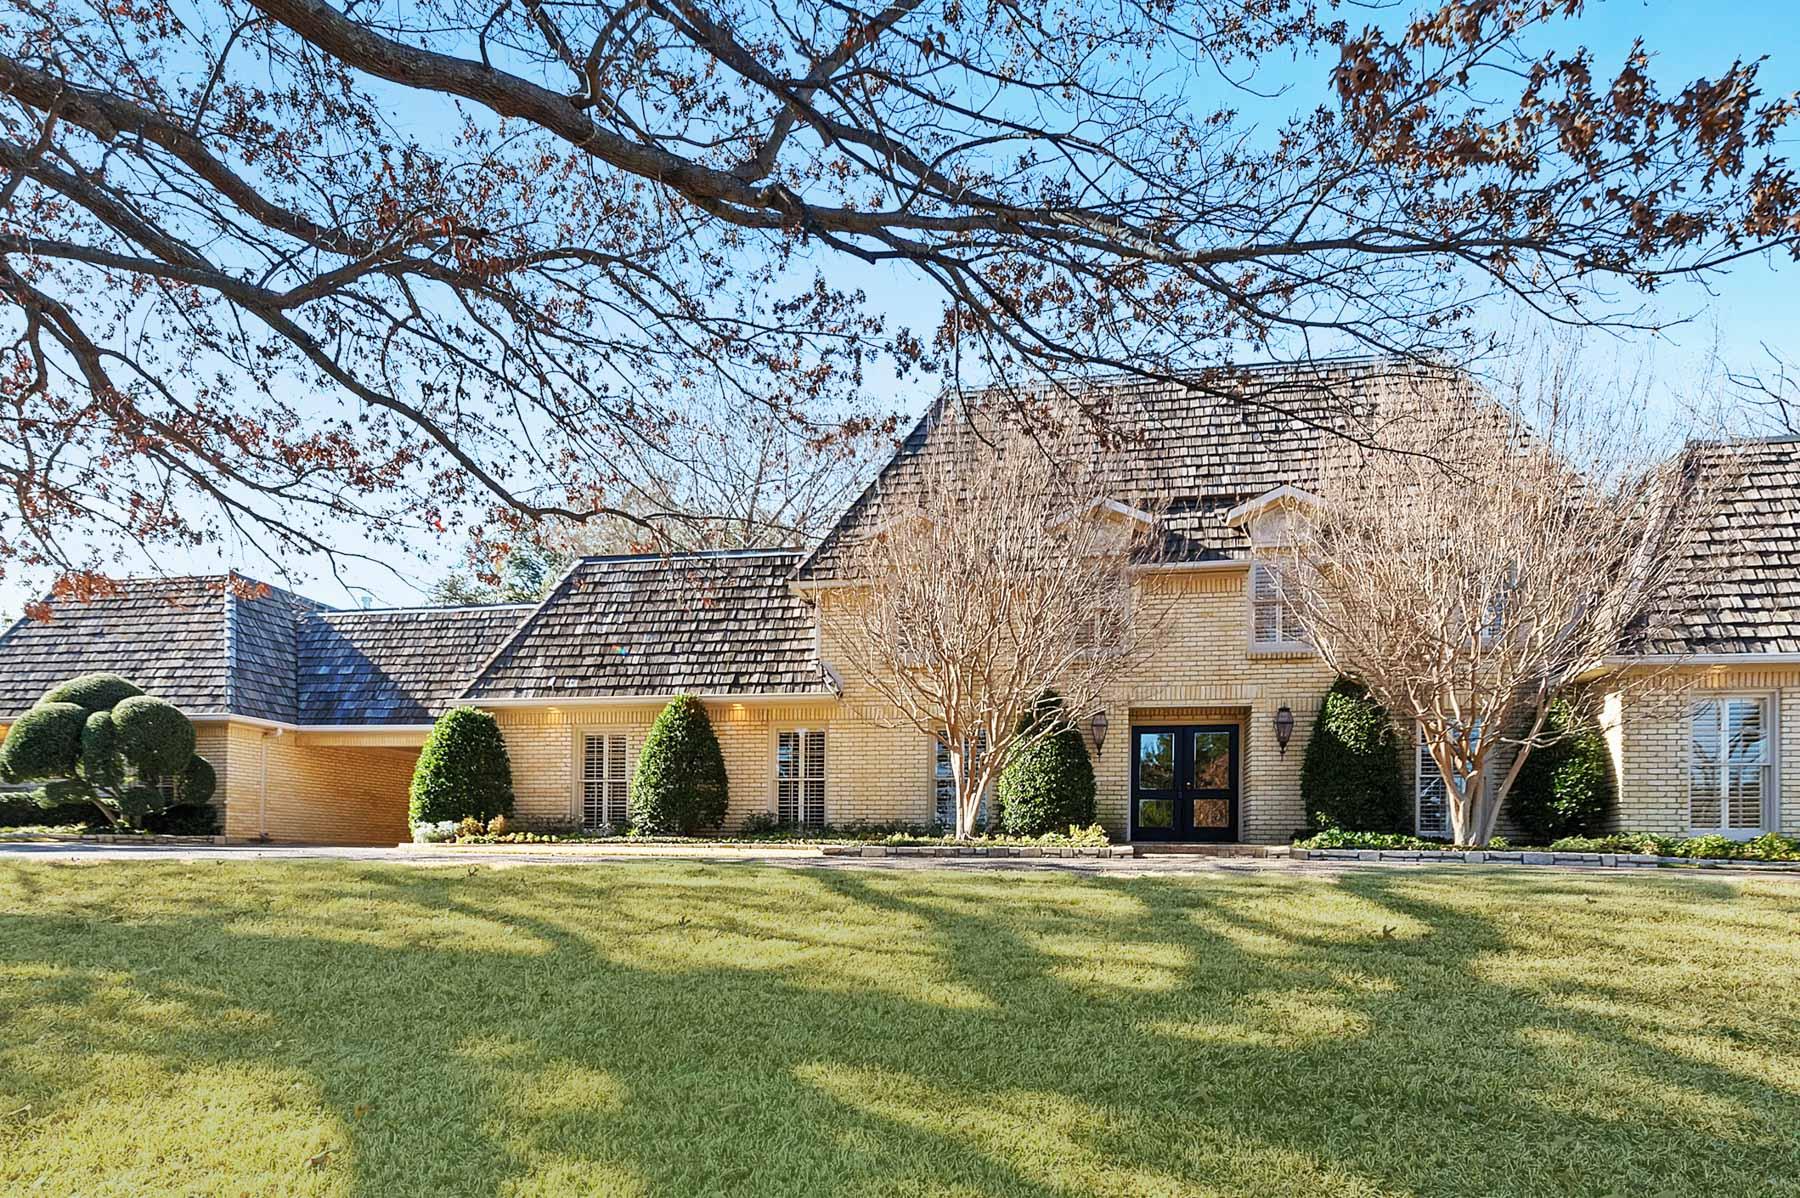 一戸建て のために 売買 アット Westover Hills Traditional 1512 Shady Oaks Lane Westover Hills, テキサス, 76107 アメリカ合衆国